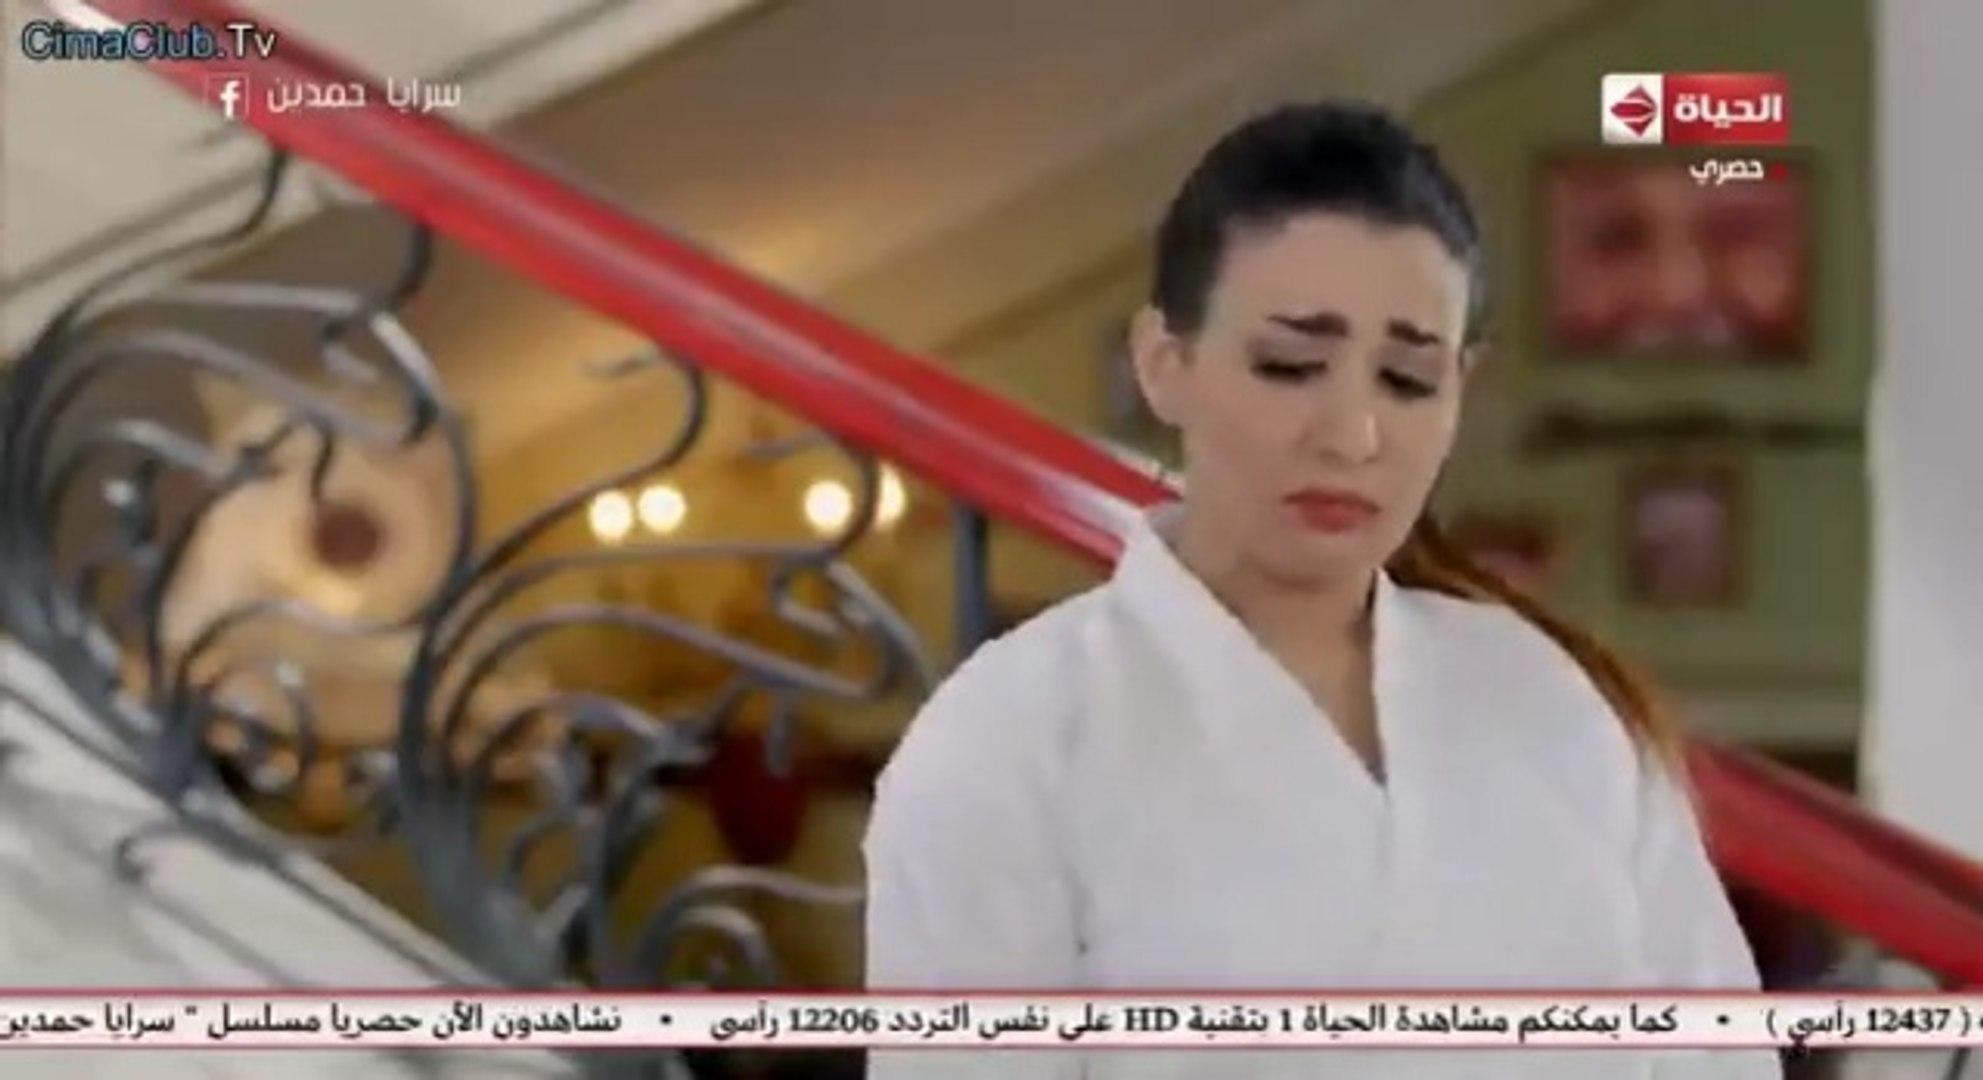 مسلسل سرايا حمدين الحلقة 25 الخامسة والعشرون